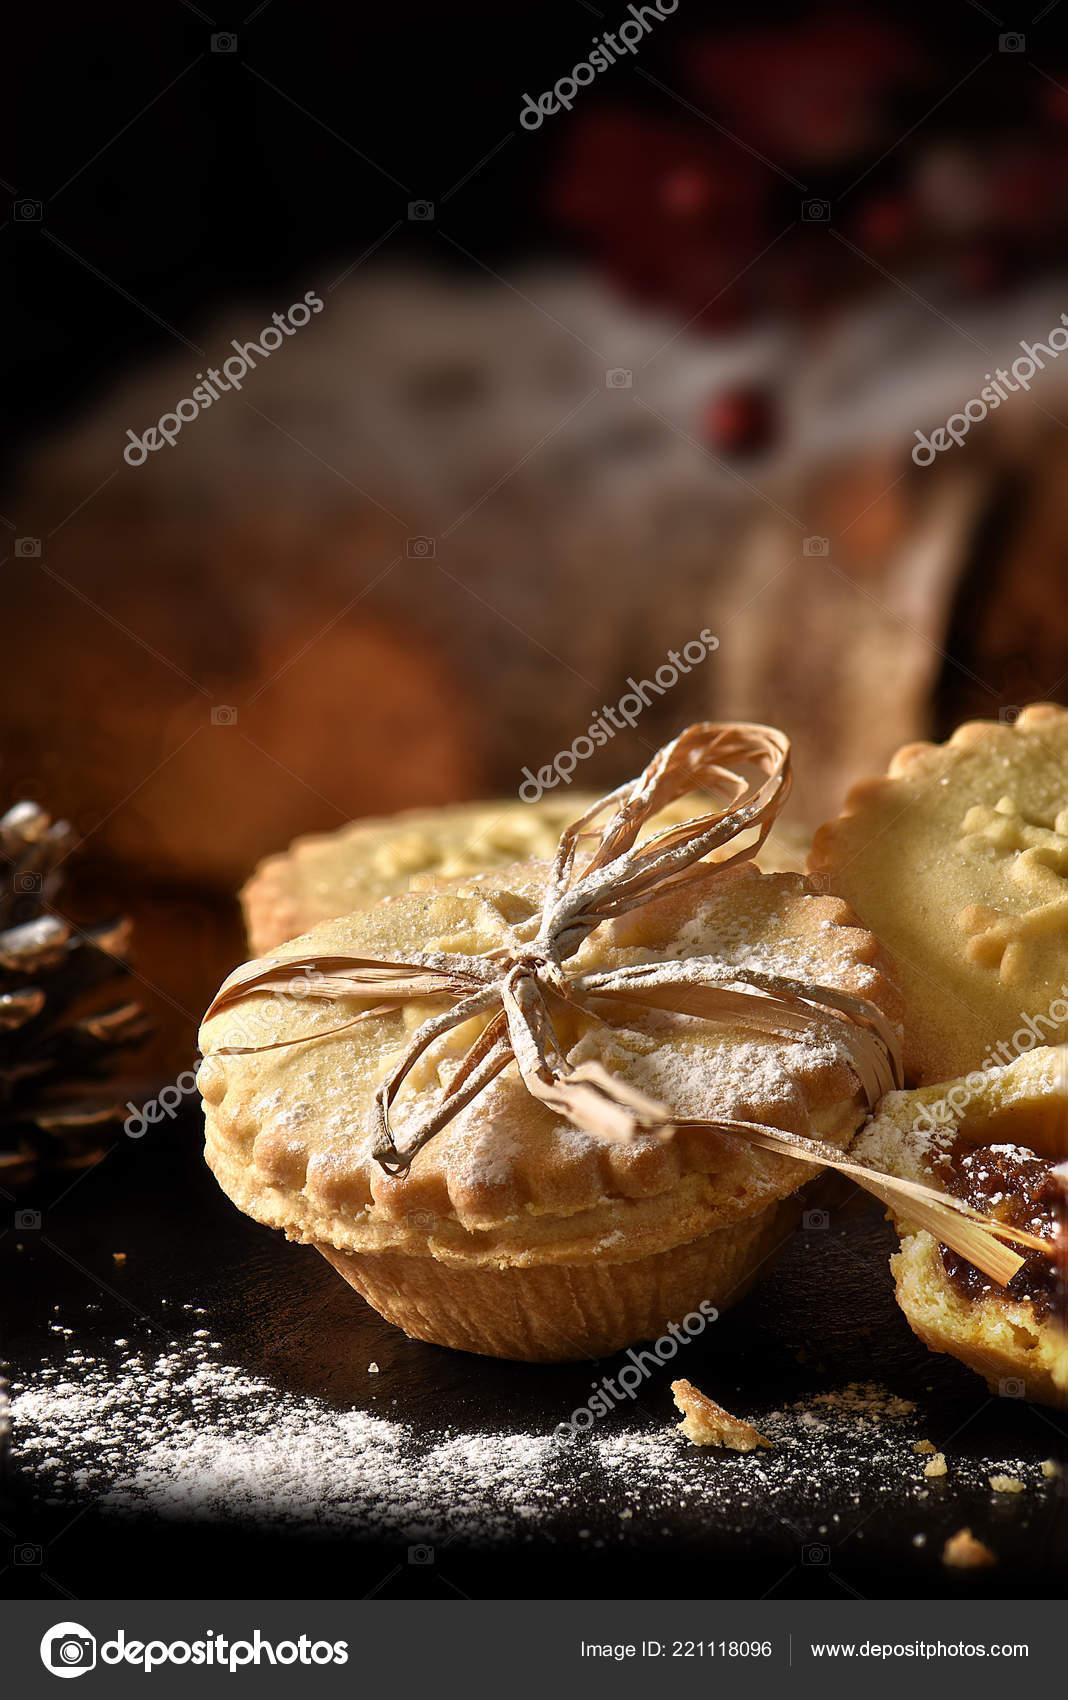 Saisonale Weihnachten Mince Pie Mit Zuckerguss Kreative Warme